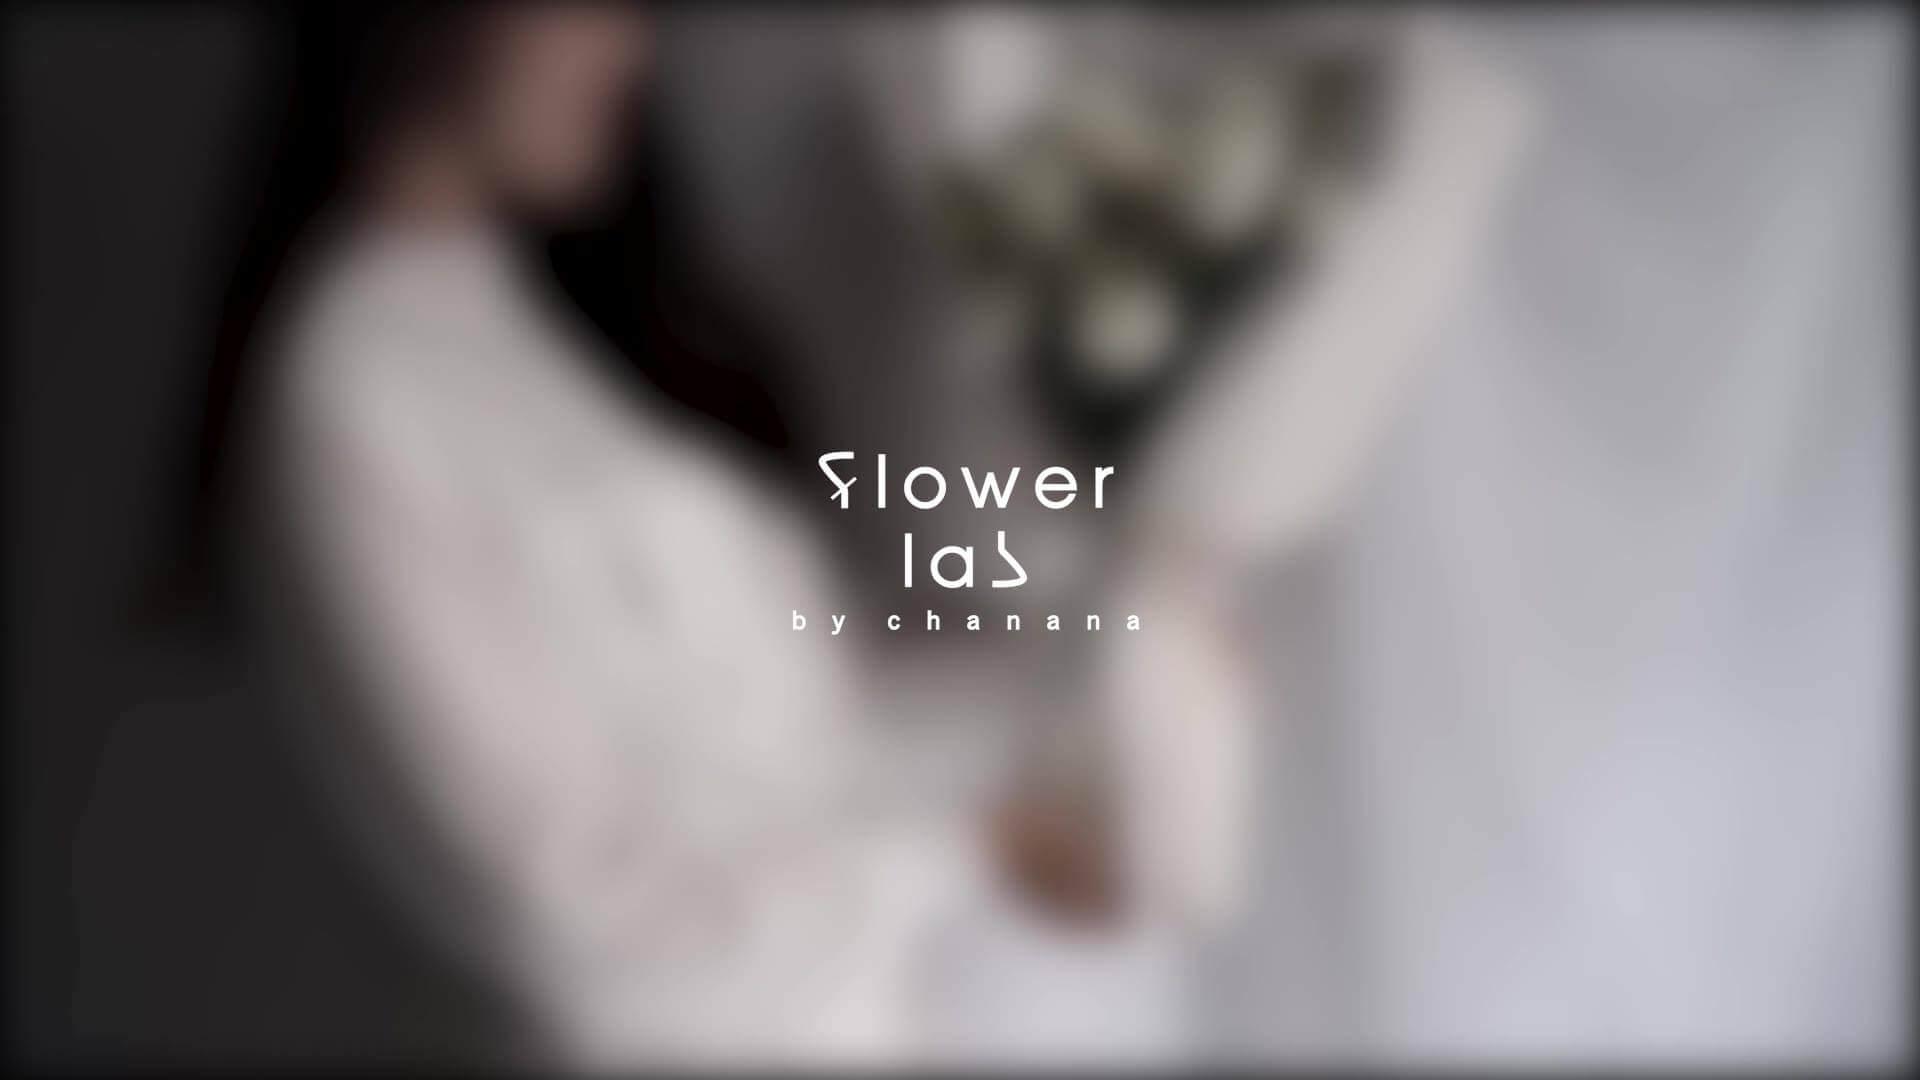 Flowerlab by Chanana - ร้านดอกไม้ ช่อดอกไม้สไตล์เกาหลี